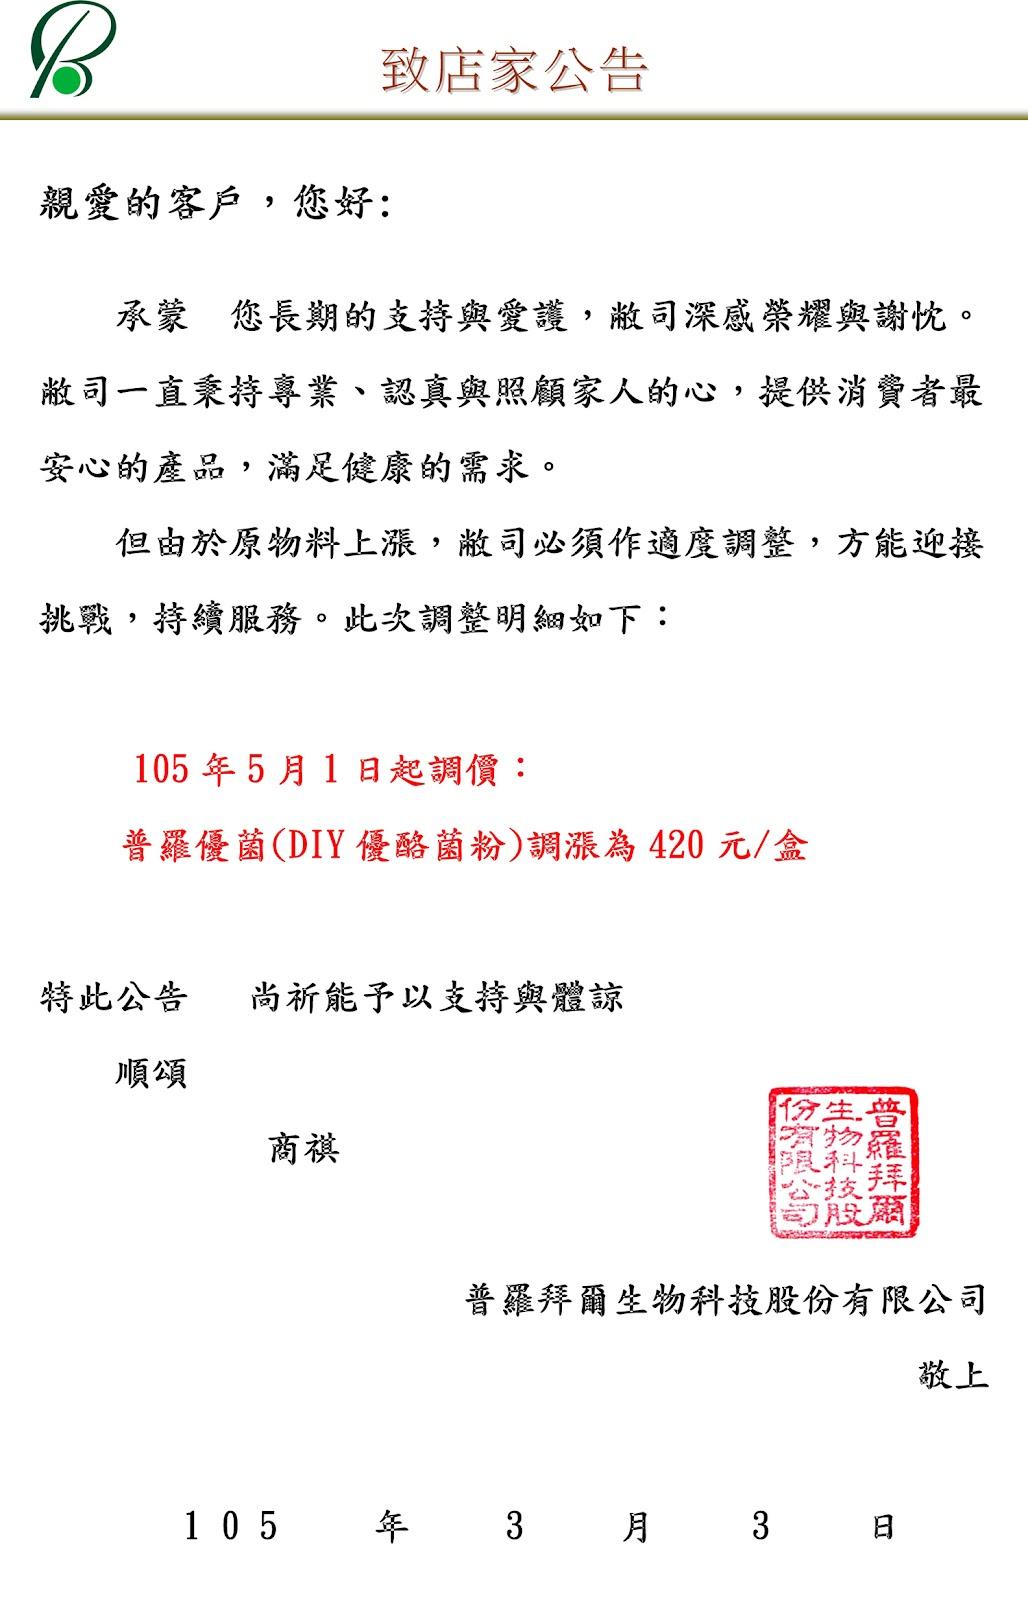 2016/5/1普羅優菌漲價公告